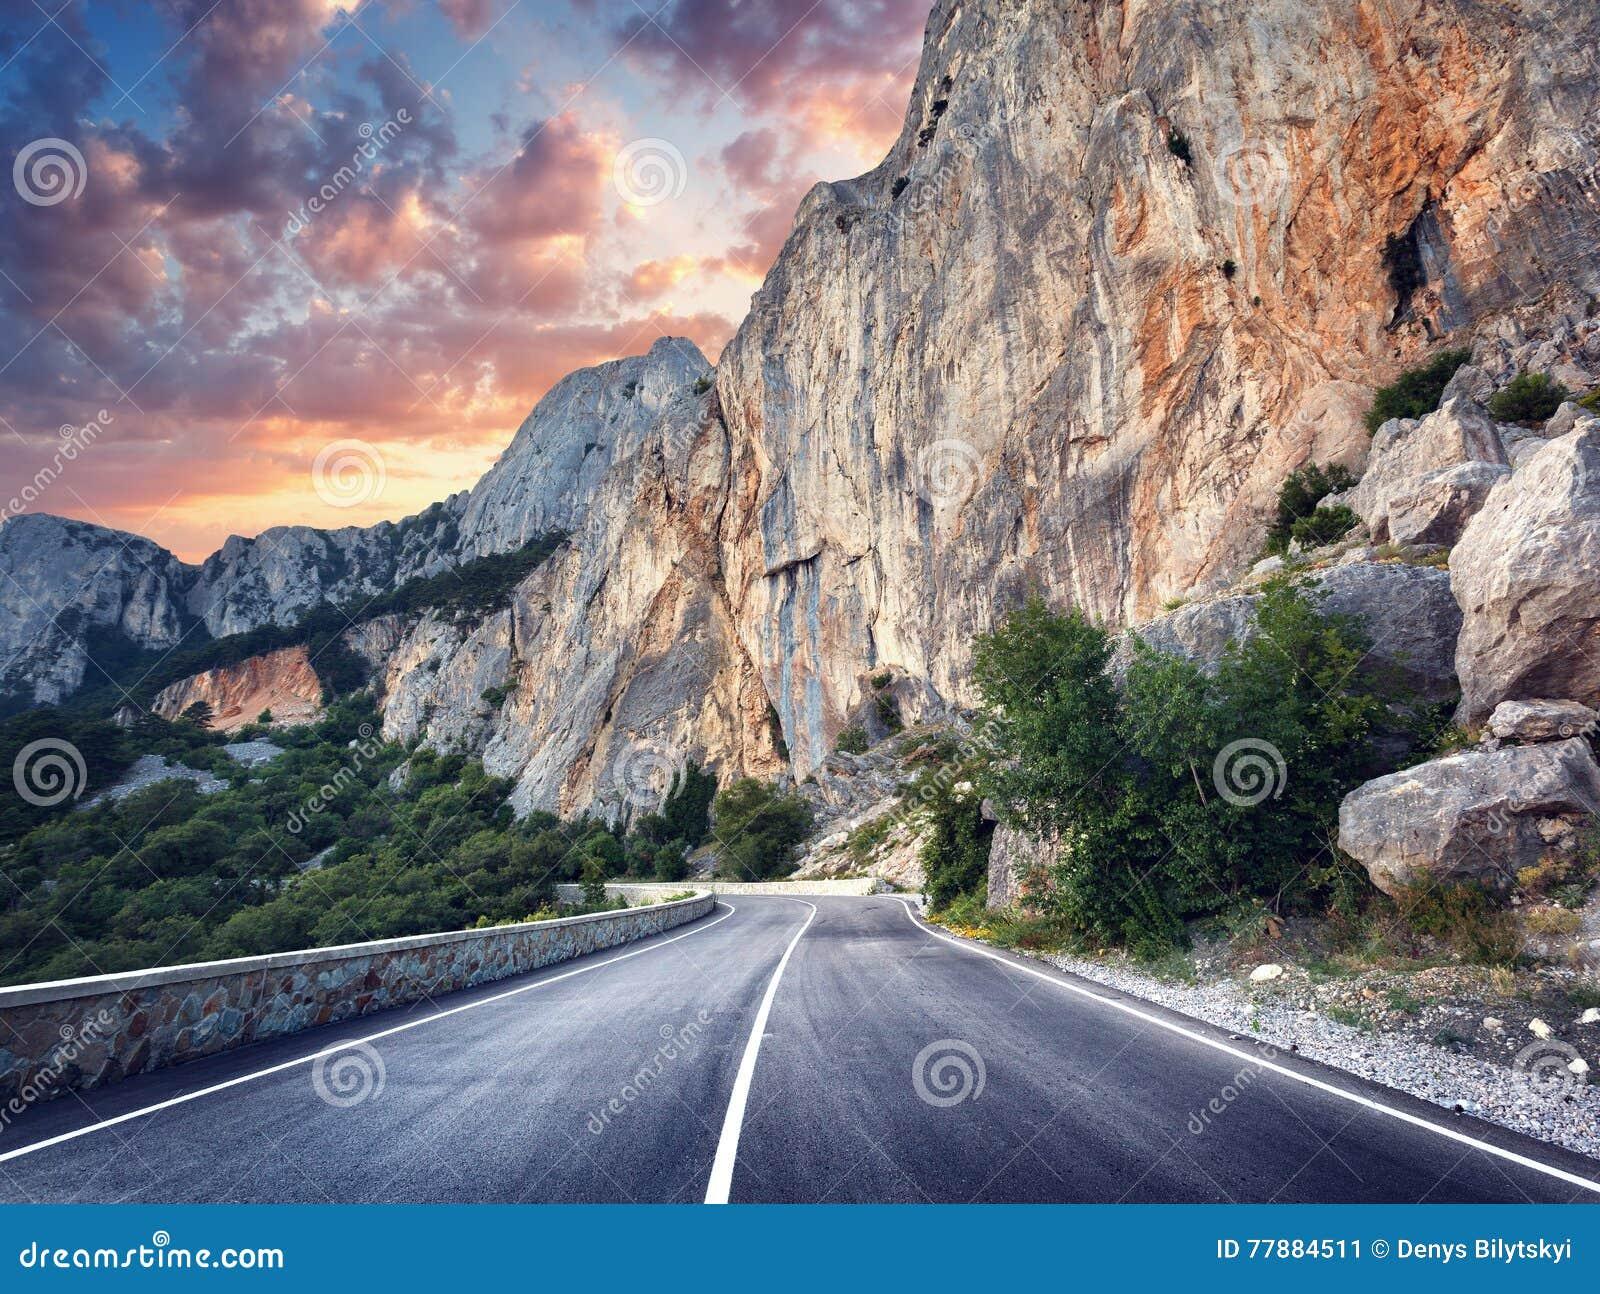 Carretera De Asfalto Paisaje Colorido Con El Camino Hermoso De La Montaña Foto de archivo